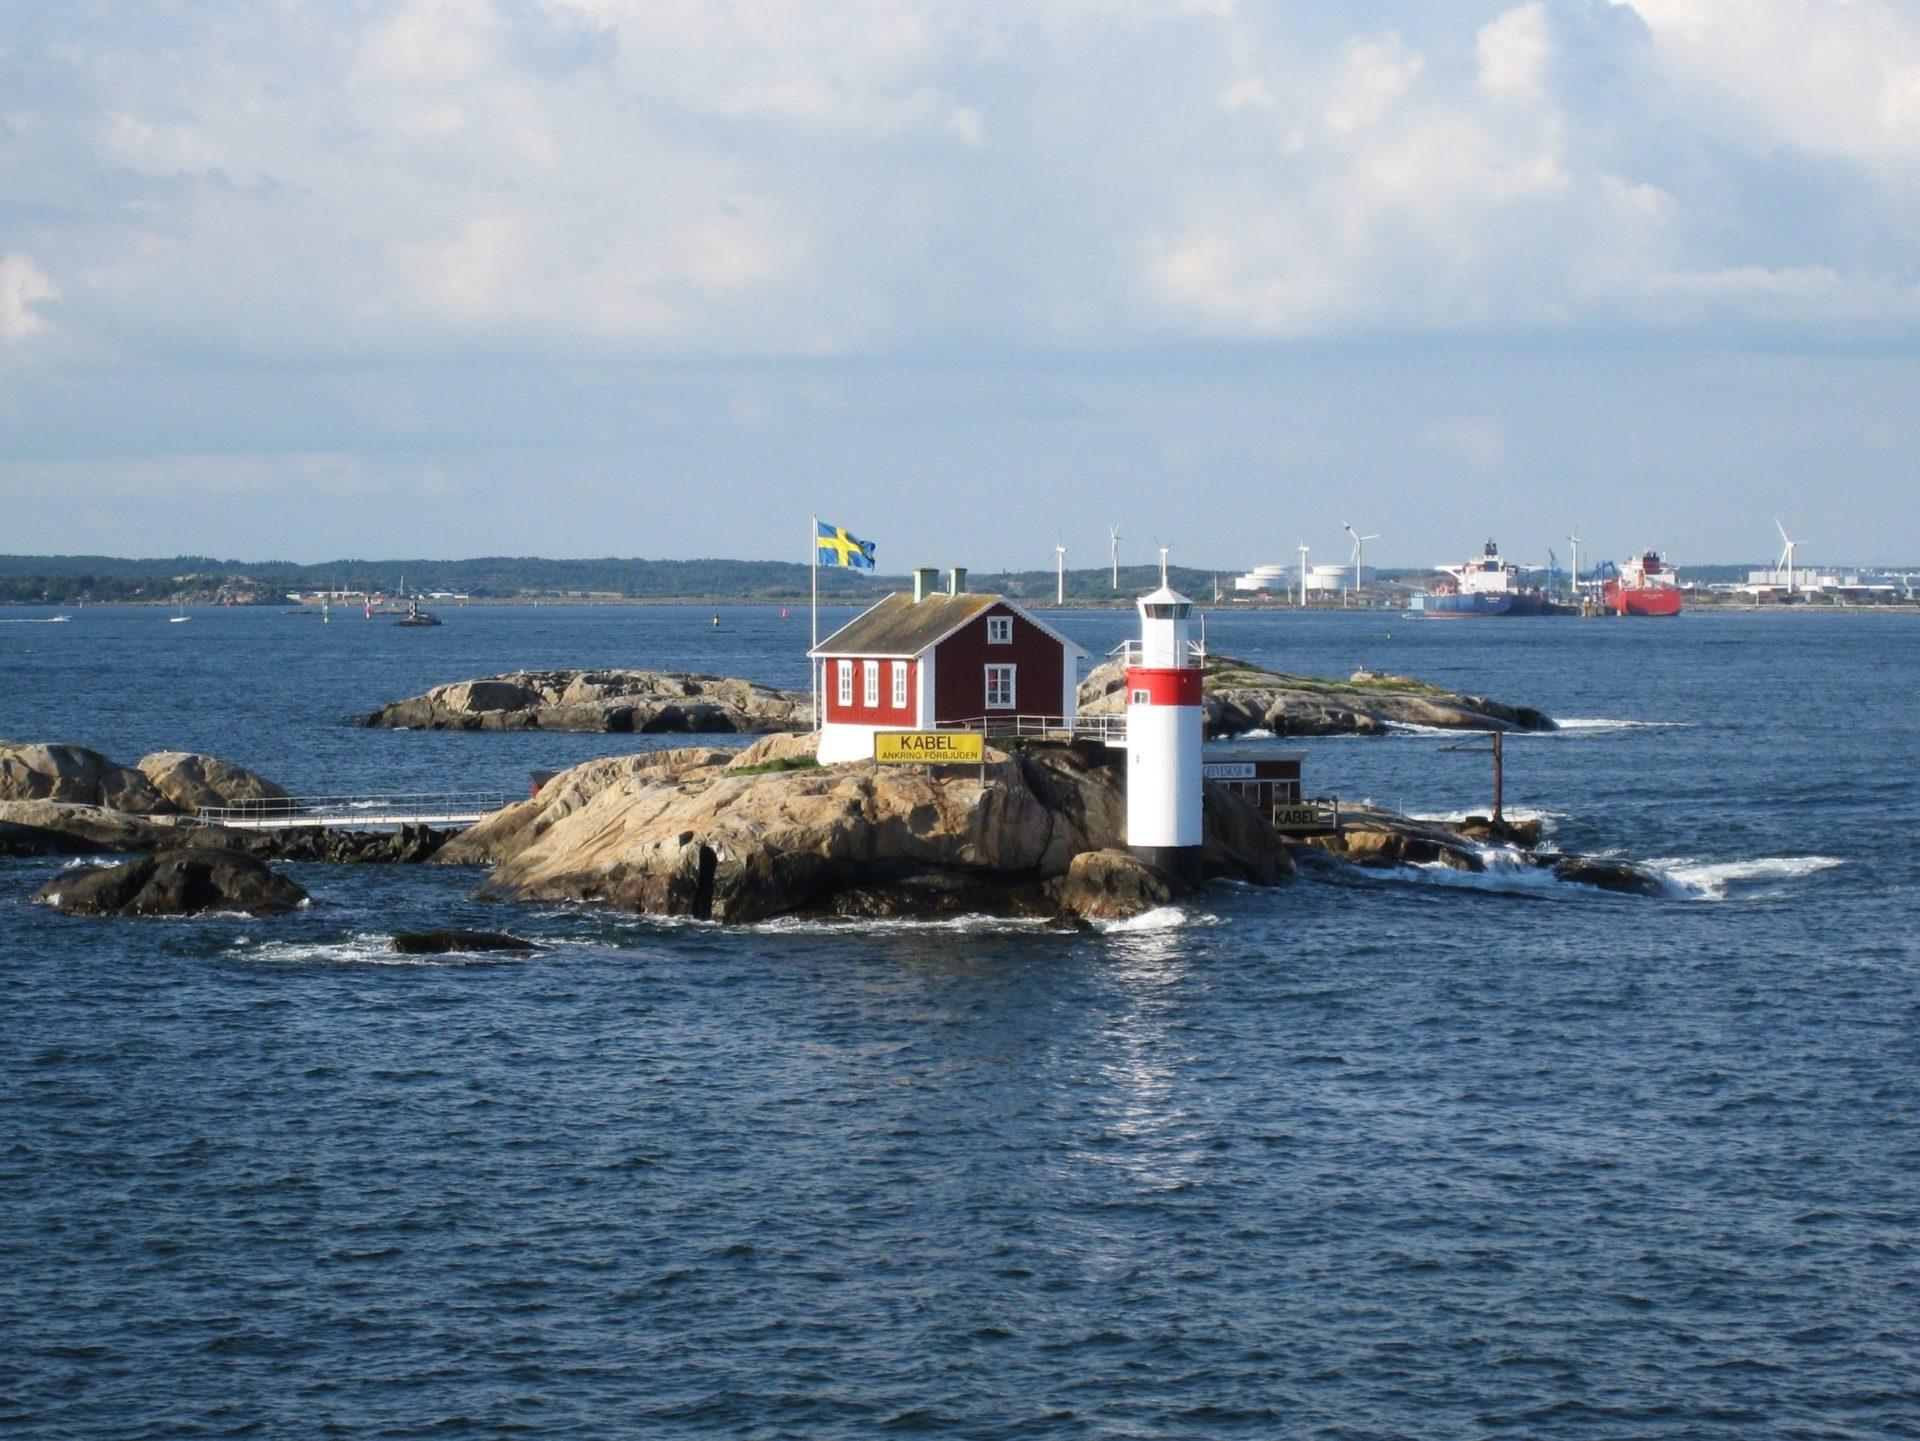 Wassertemperatur Schweden: Insel Gäveskär im Göteborger Schärengarten mit Schwedischer Flagge und mit Falunrot gestrichenem Leuchtturm und Haus